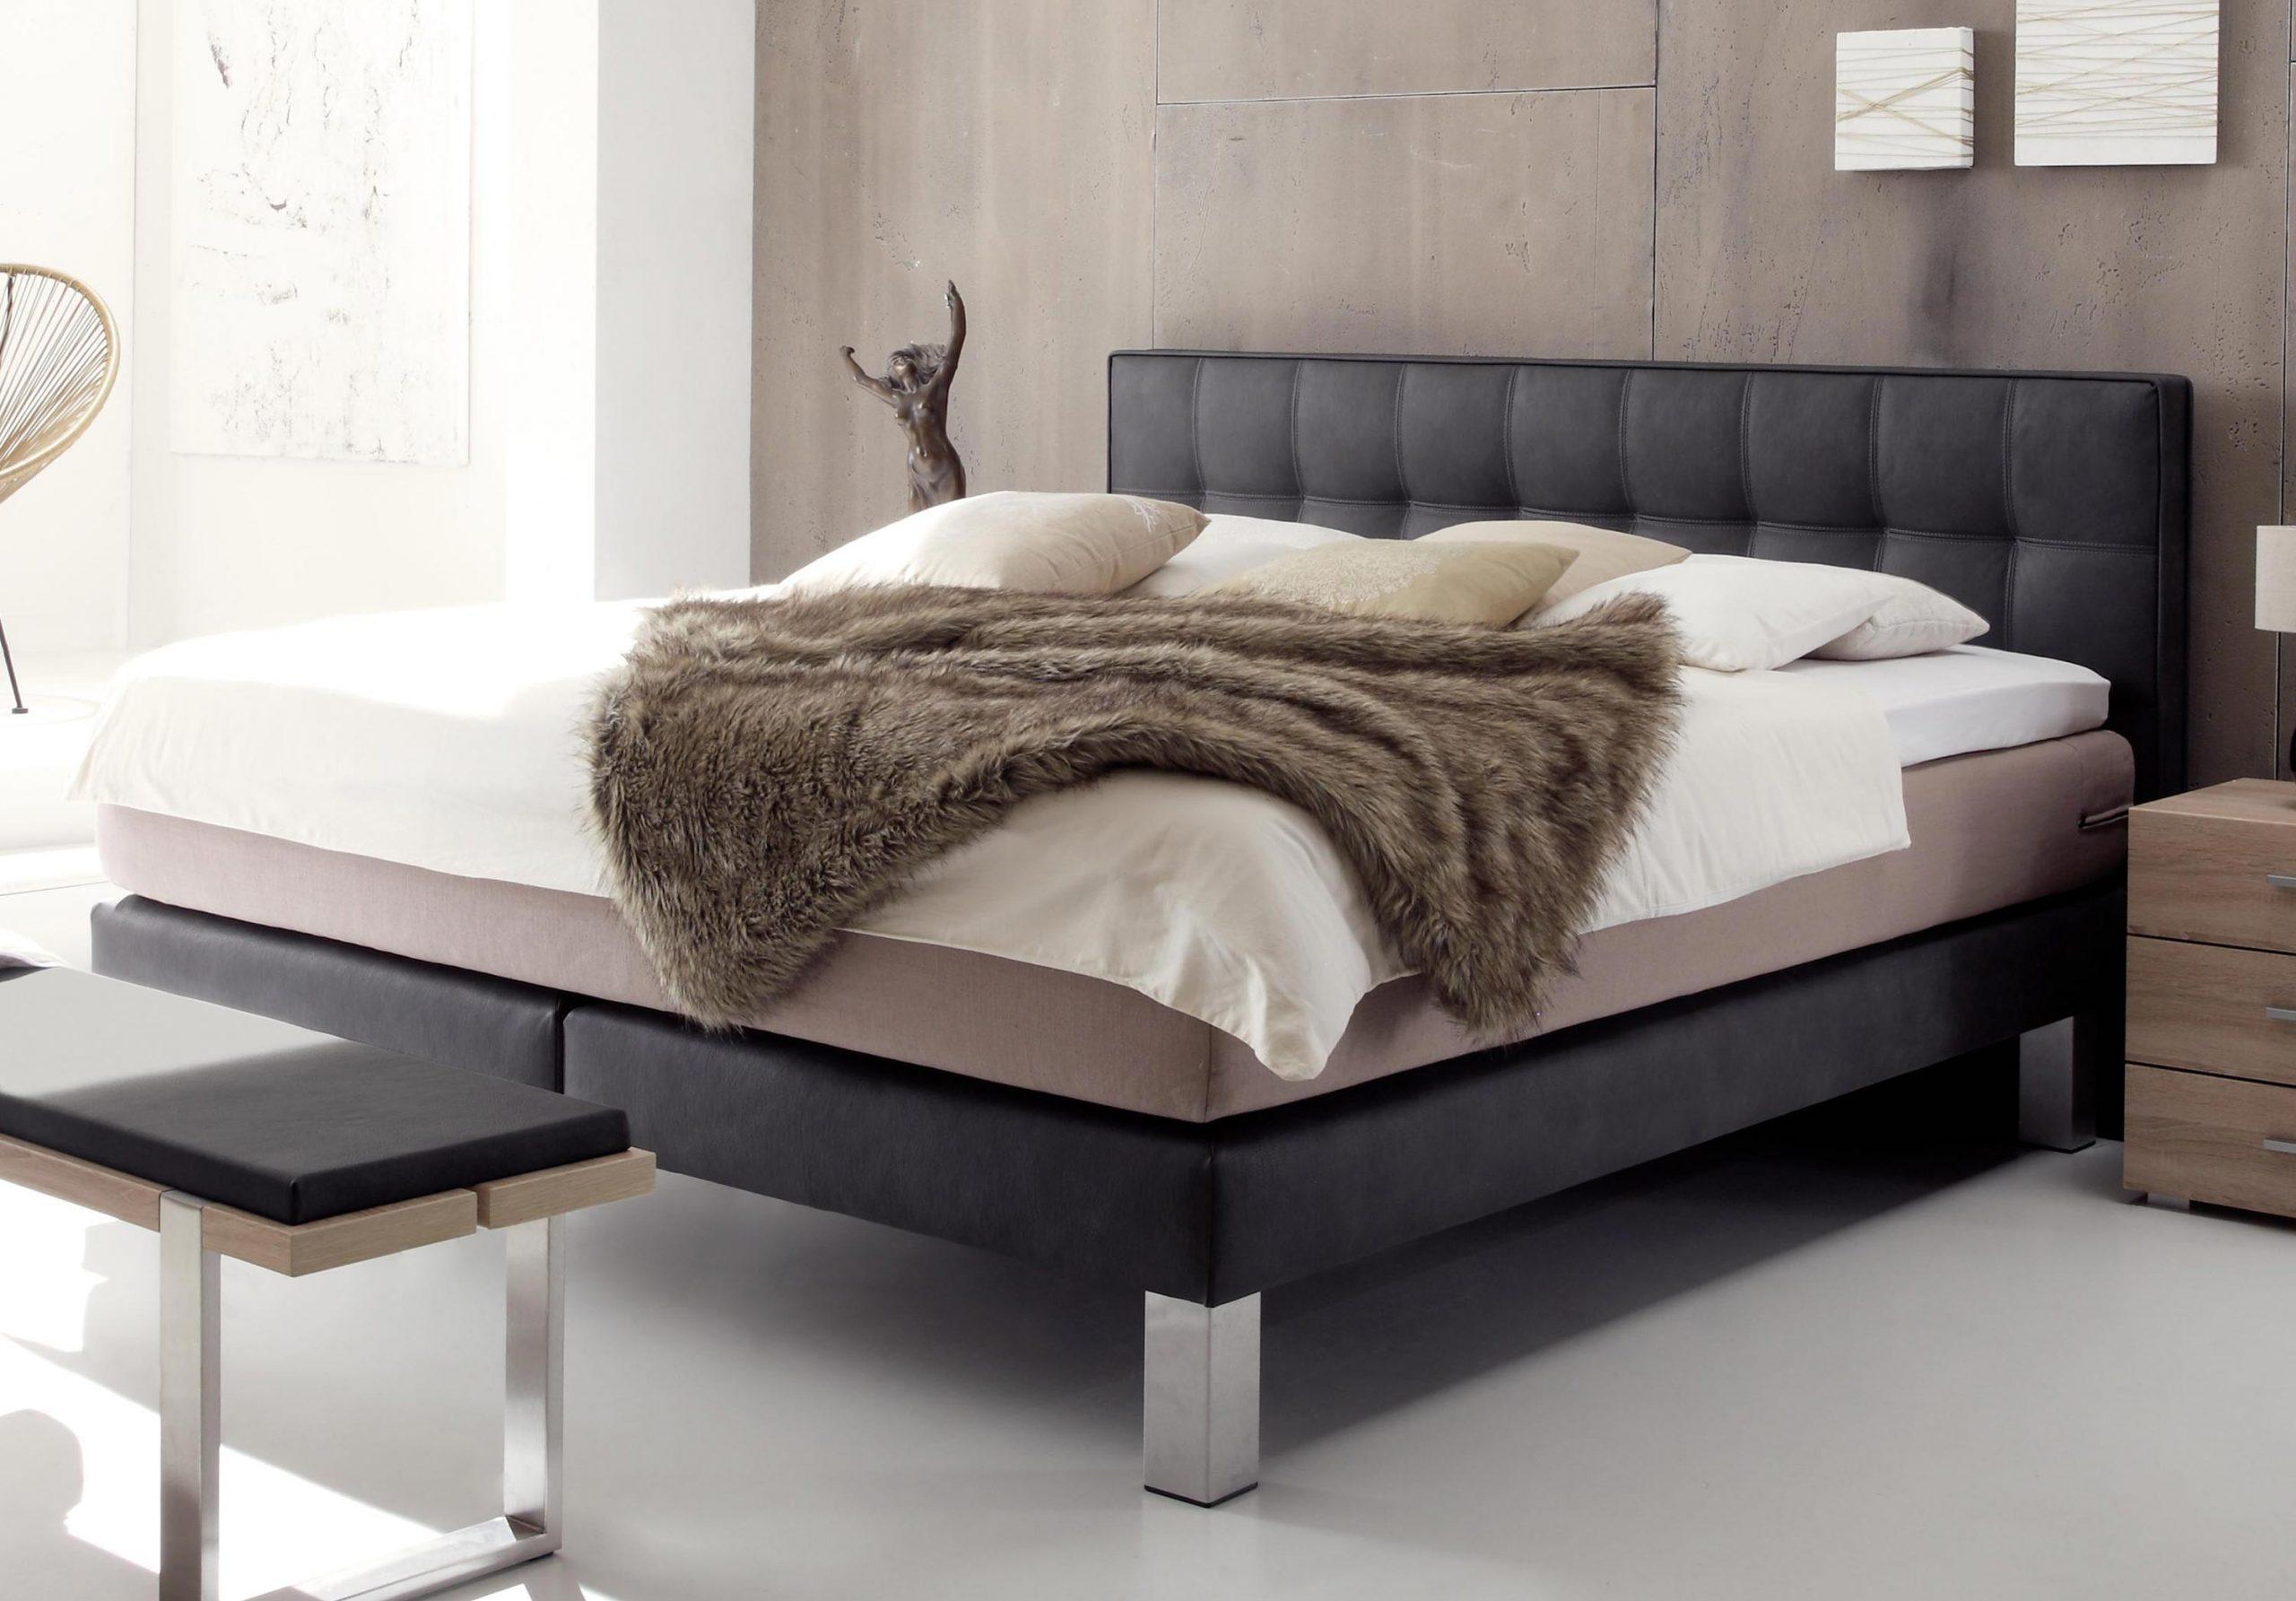 Full Size of Bett Modern 120x200 Sleep Better Holz Beyond Pillow 180x200 Kaufen 140x200 Italienisches Design Puristisch Eiche Leader Betten Hasena Boxspring Japanisches Mit Wohnzimmer Bett Modern